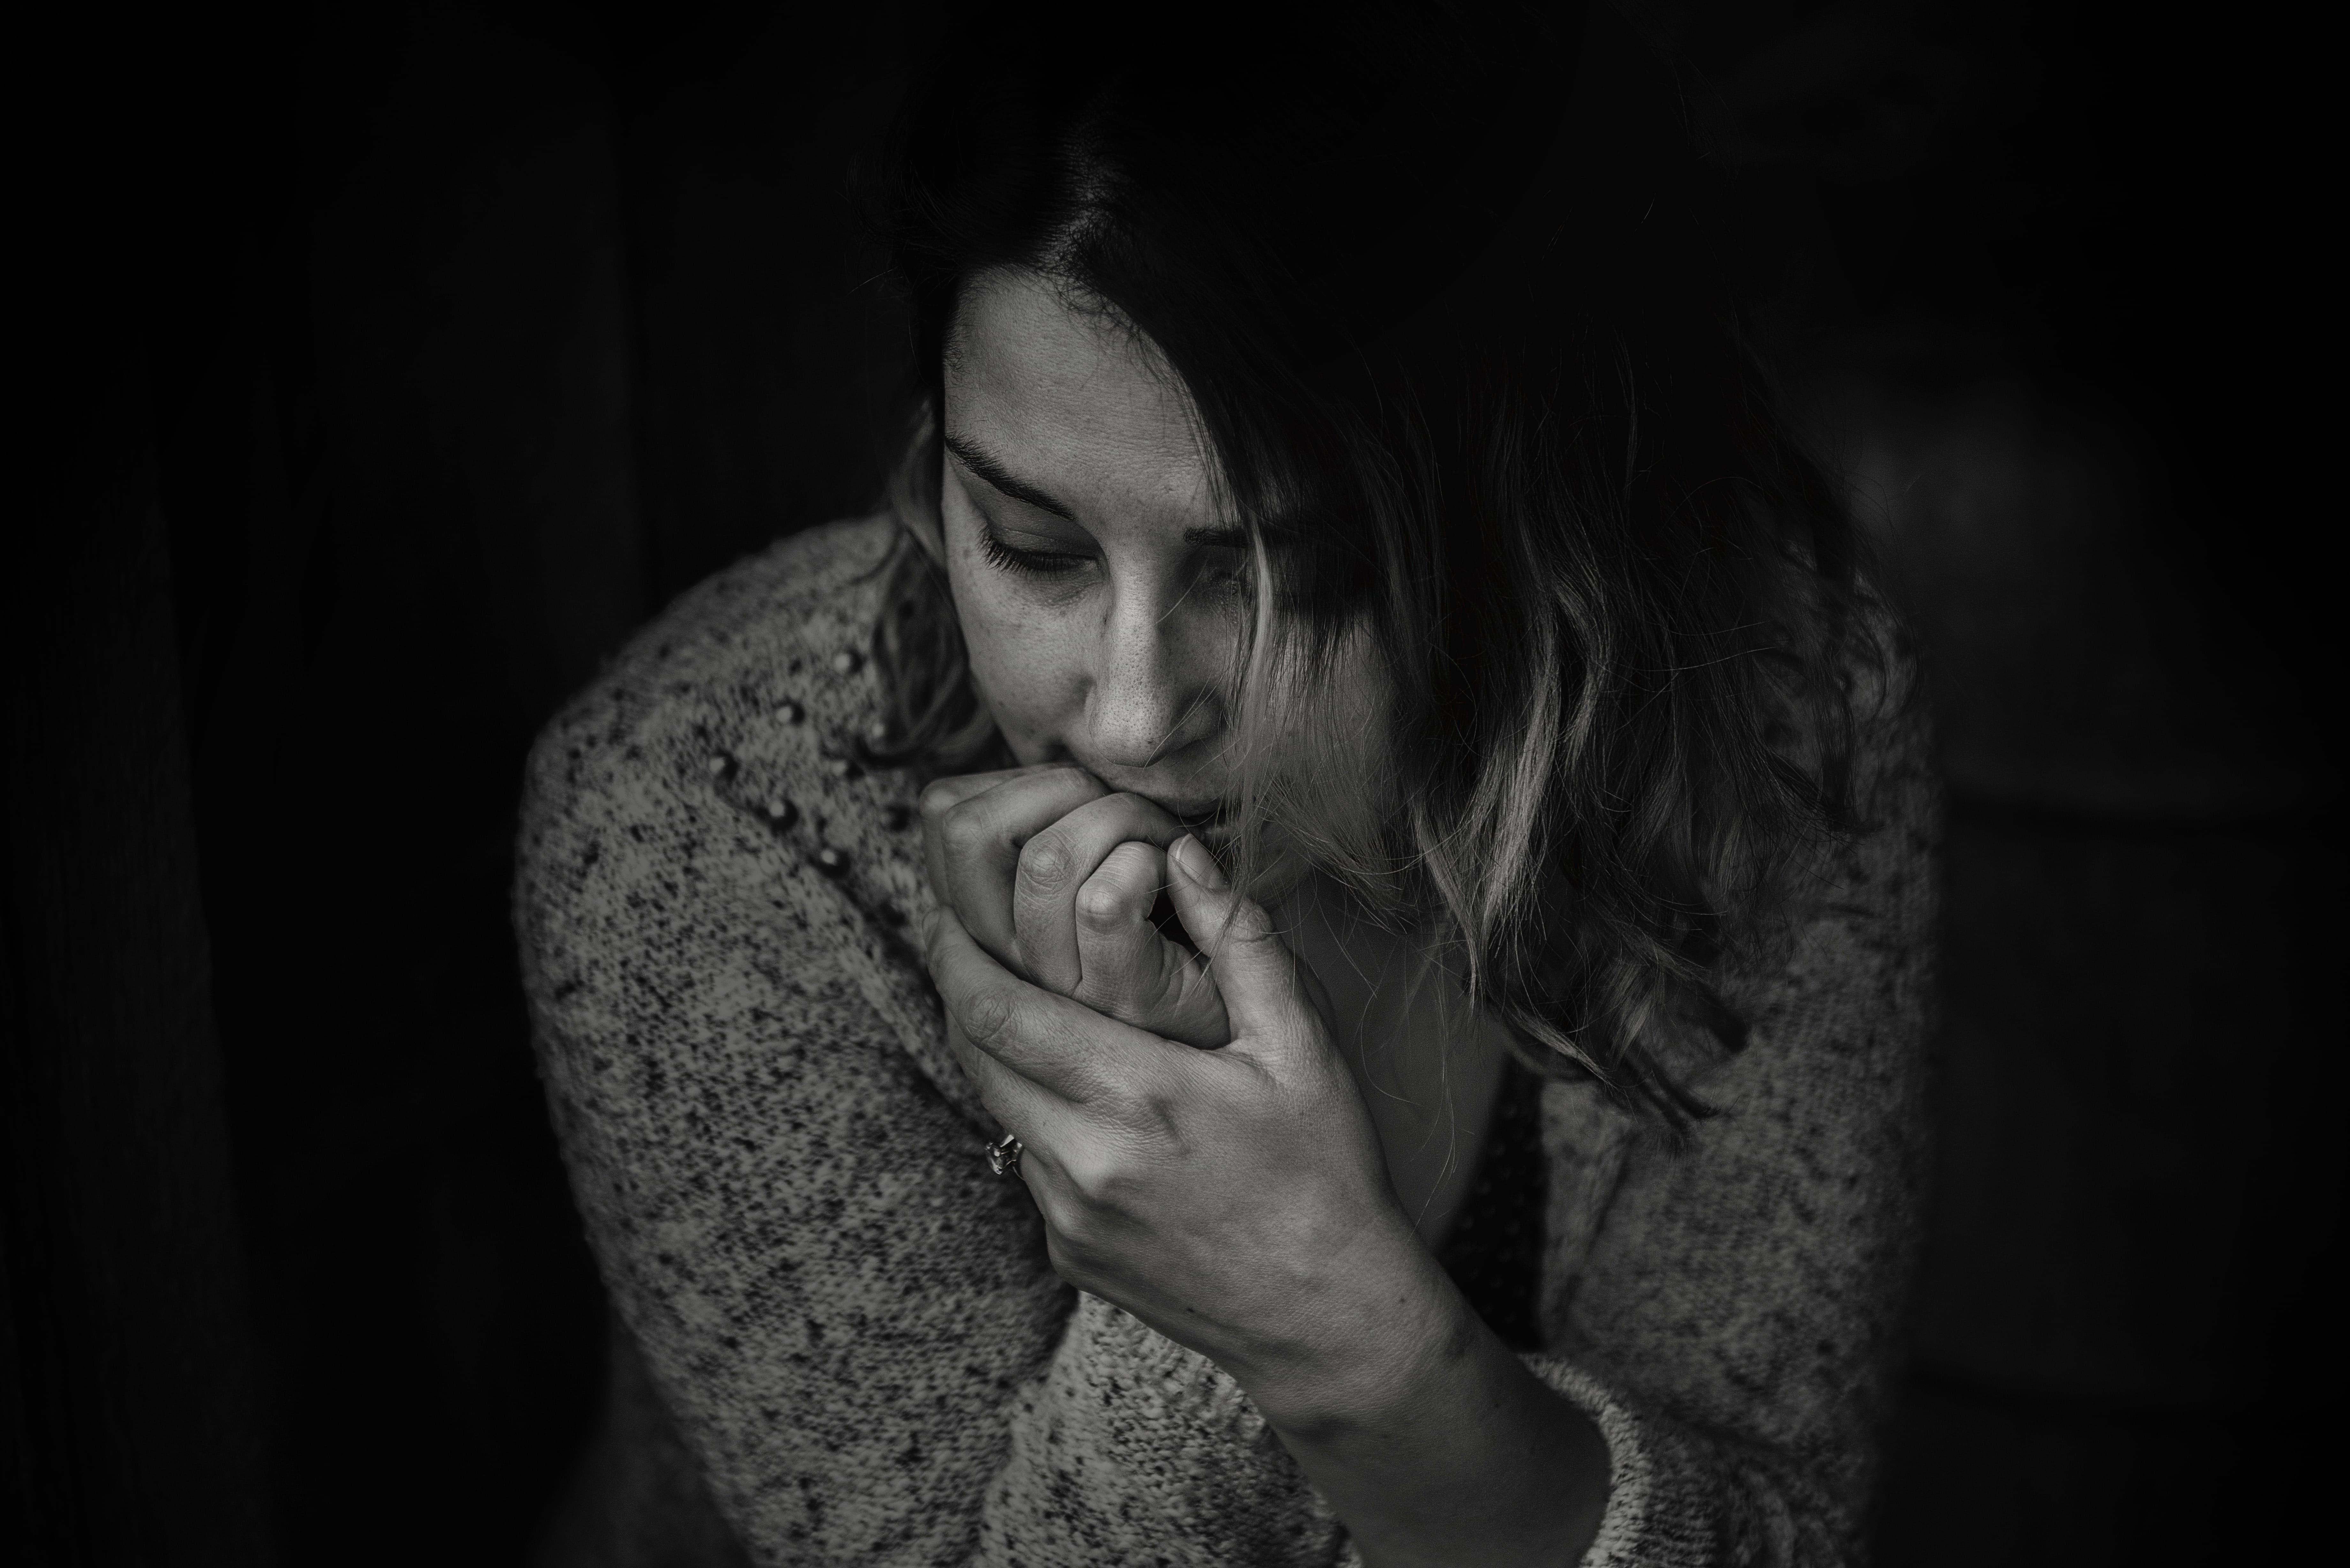 浮気を疑う疑心暗鬼の女性の画像